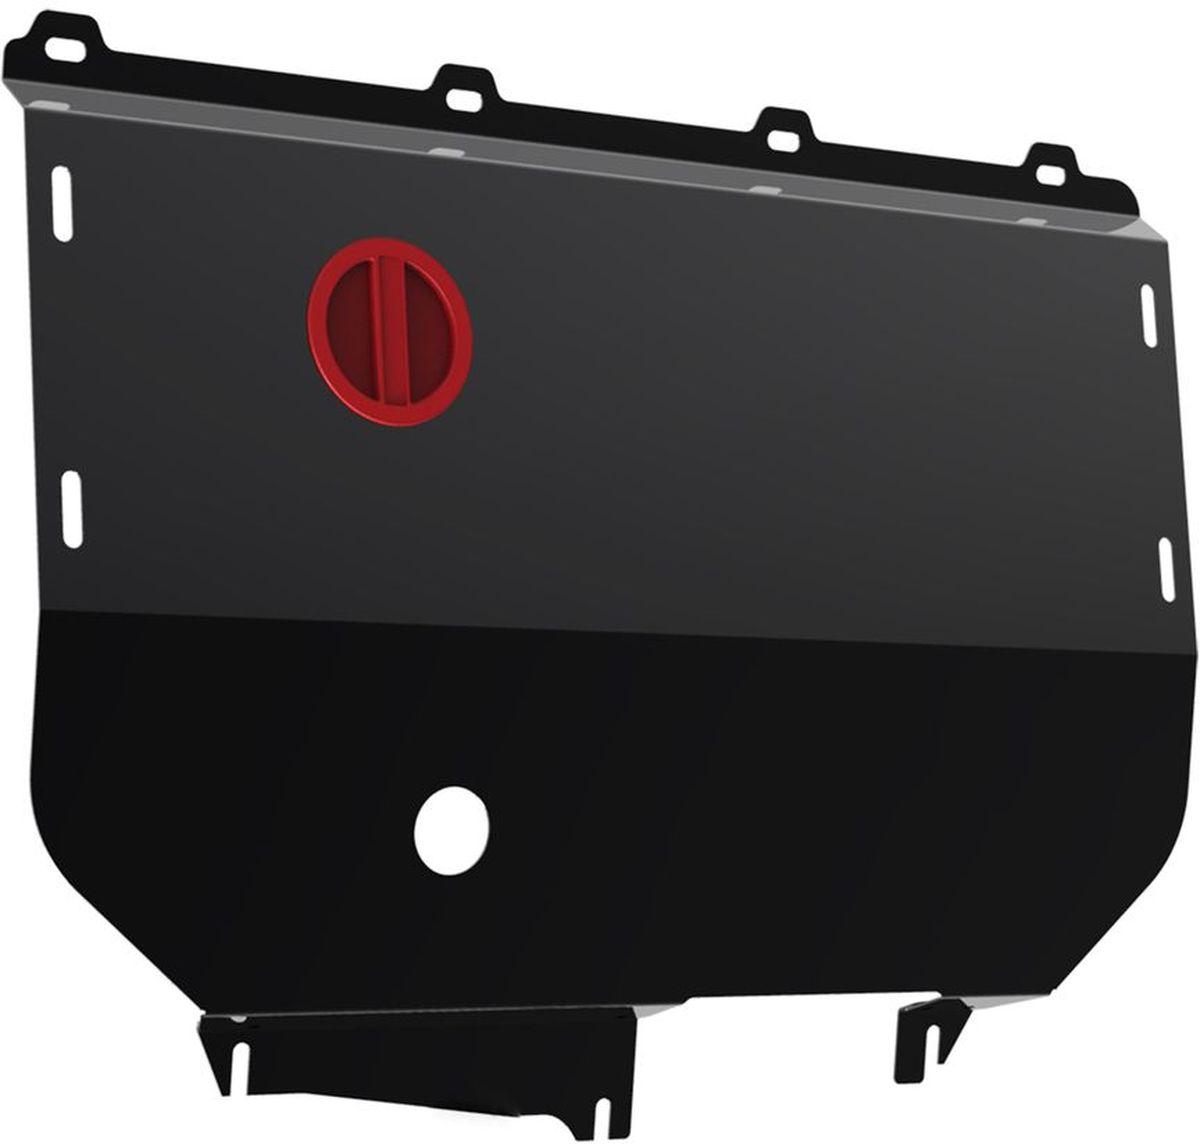 Защита картера и КПП Автоброня, для Fiat Ducato. 111.01708.1111.01708.1Технологически совершенный продукт за невысокую стоимость. Защита разработана с учетом особенностей днища автомобиля, что позволяет сохранить дорожный просвет с минимальным изменением. Защита устанавливается в штатные места кузова автомобиля. Глубокий штамп обеспечивает до двух раз больше жесткости в сравнении с обычной защитой той же толщины. Проштампованные ребра жесткости препятствуют деформации защиты при ударах. Тепловой зазор и вентиляционные отверстия обеспечивают сохранение температурного режима двигателя в норме. Скрытый крепеж предотвращает срыв крепежных элементов при наезде на препятствие. Шумопоглощающие резиновые элементы обеспечивают комфортную езду без вибраций и скрежета металла, а съемные лючки для слива масла и замены фильтра - экономию средств и время. Конструкция изделия не влияет на пассивную безопасность автомобиля (при ударе защита не воздействует на деформационные зоны кузова). Со штатным крепежом. В комплекте инструкция по...